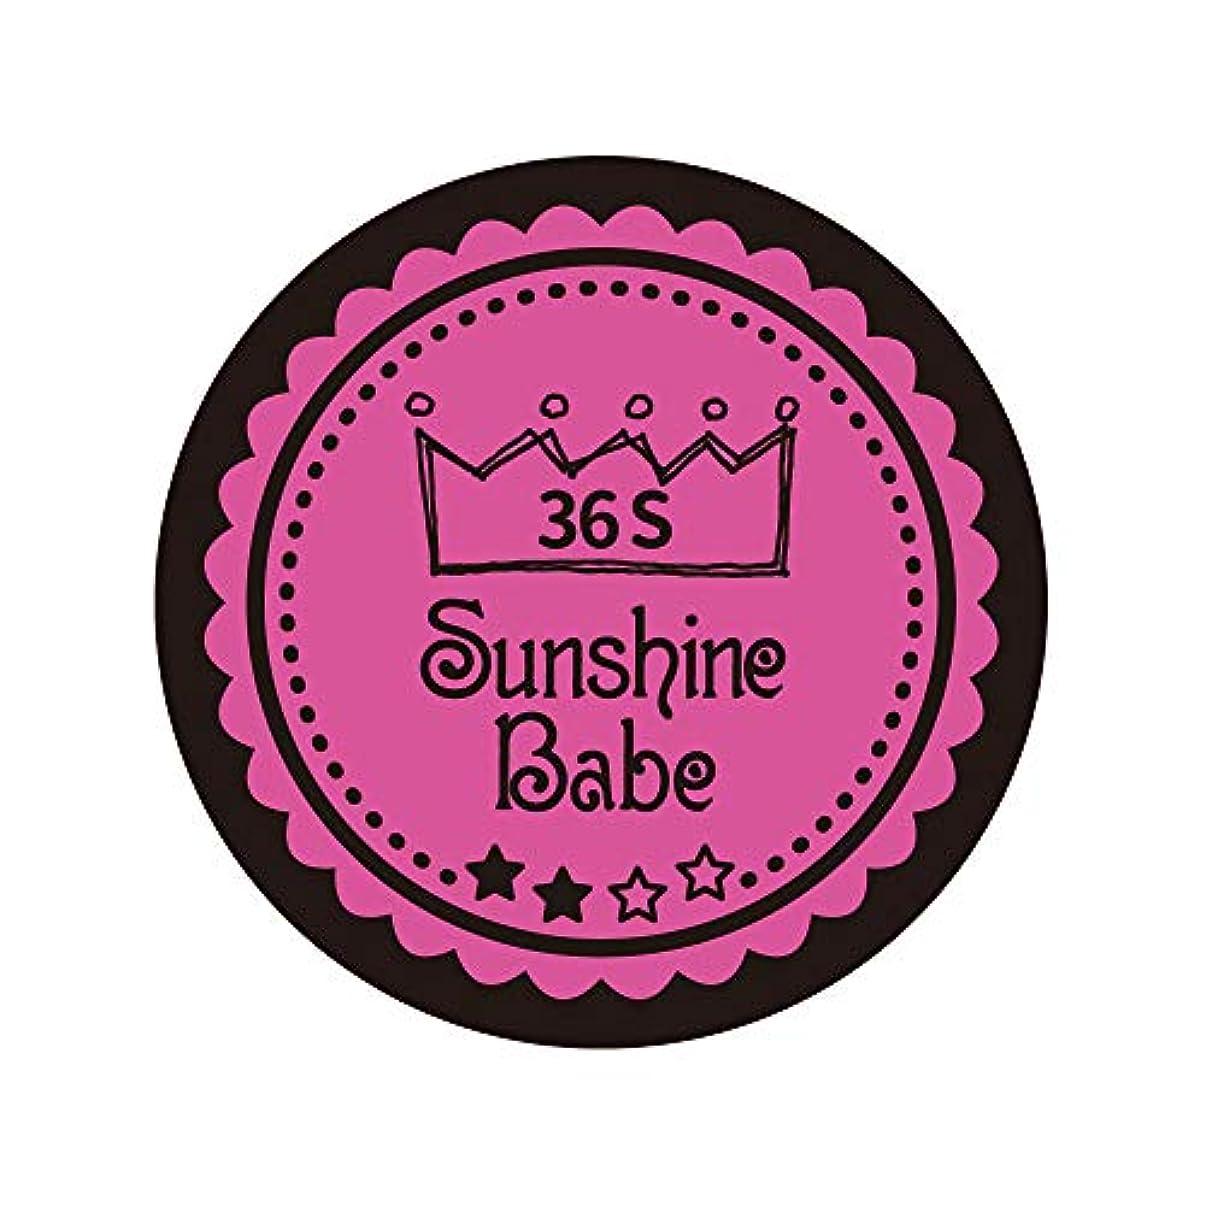 加速する自由航空会社Sunshine Babe カラージェル 36S クロッカスピンク 2.7g UV/LED対応